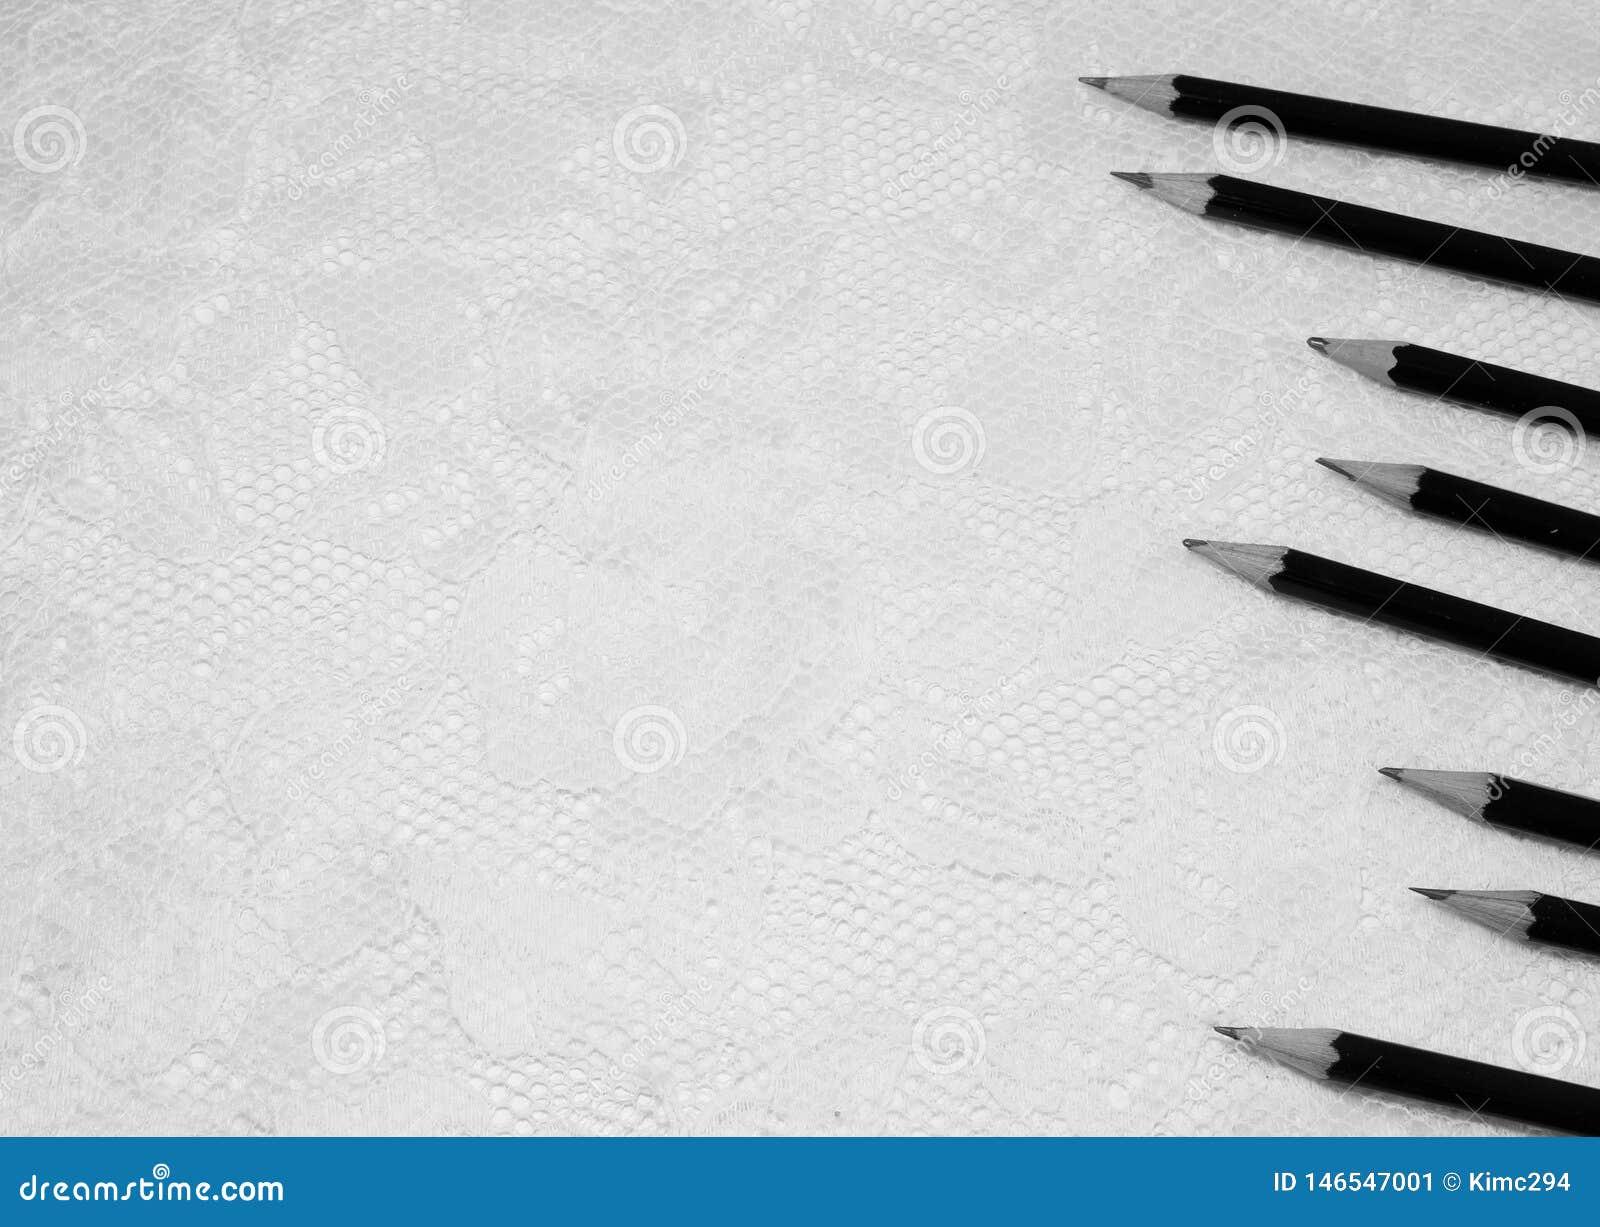 Flera skissa blyertspennashower i olika lenghts på rätsidan av bilden